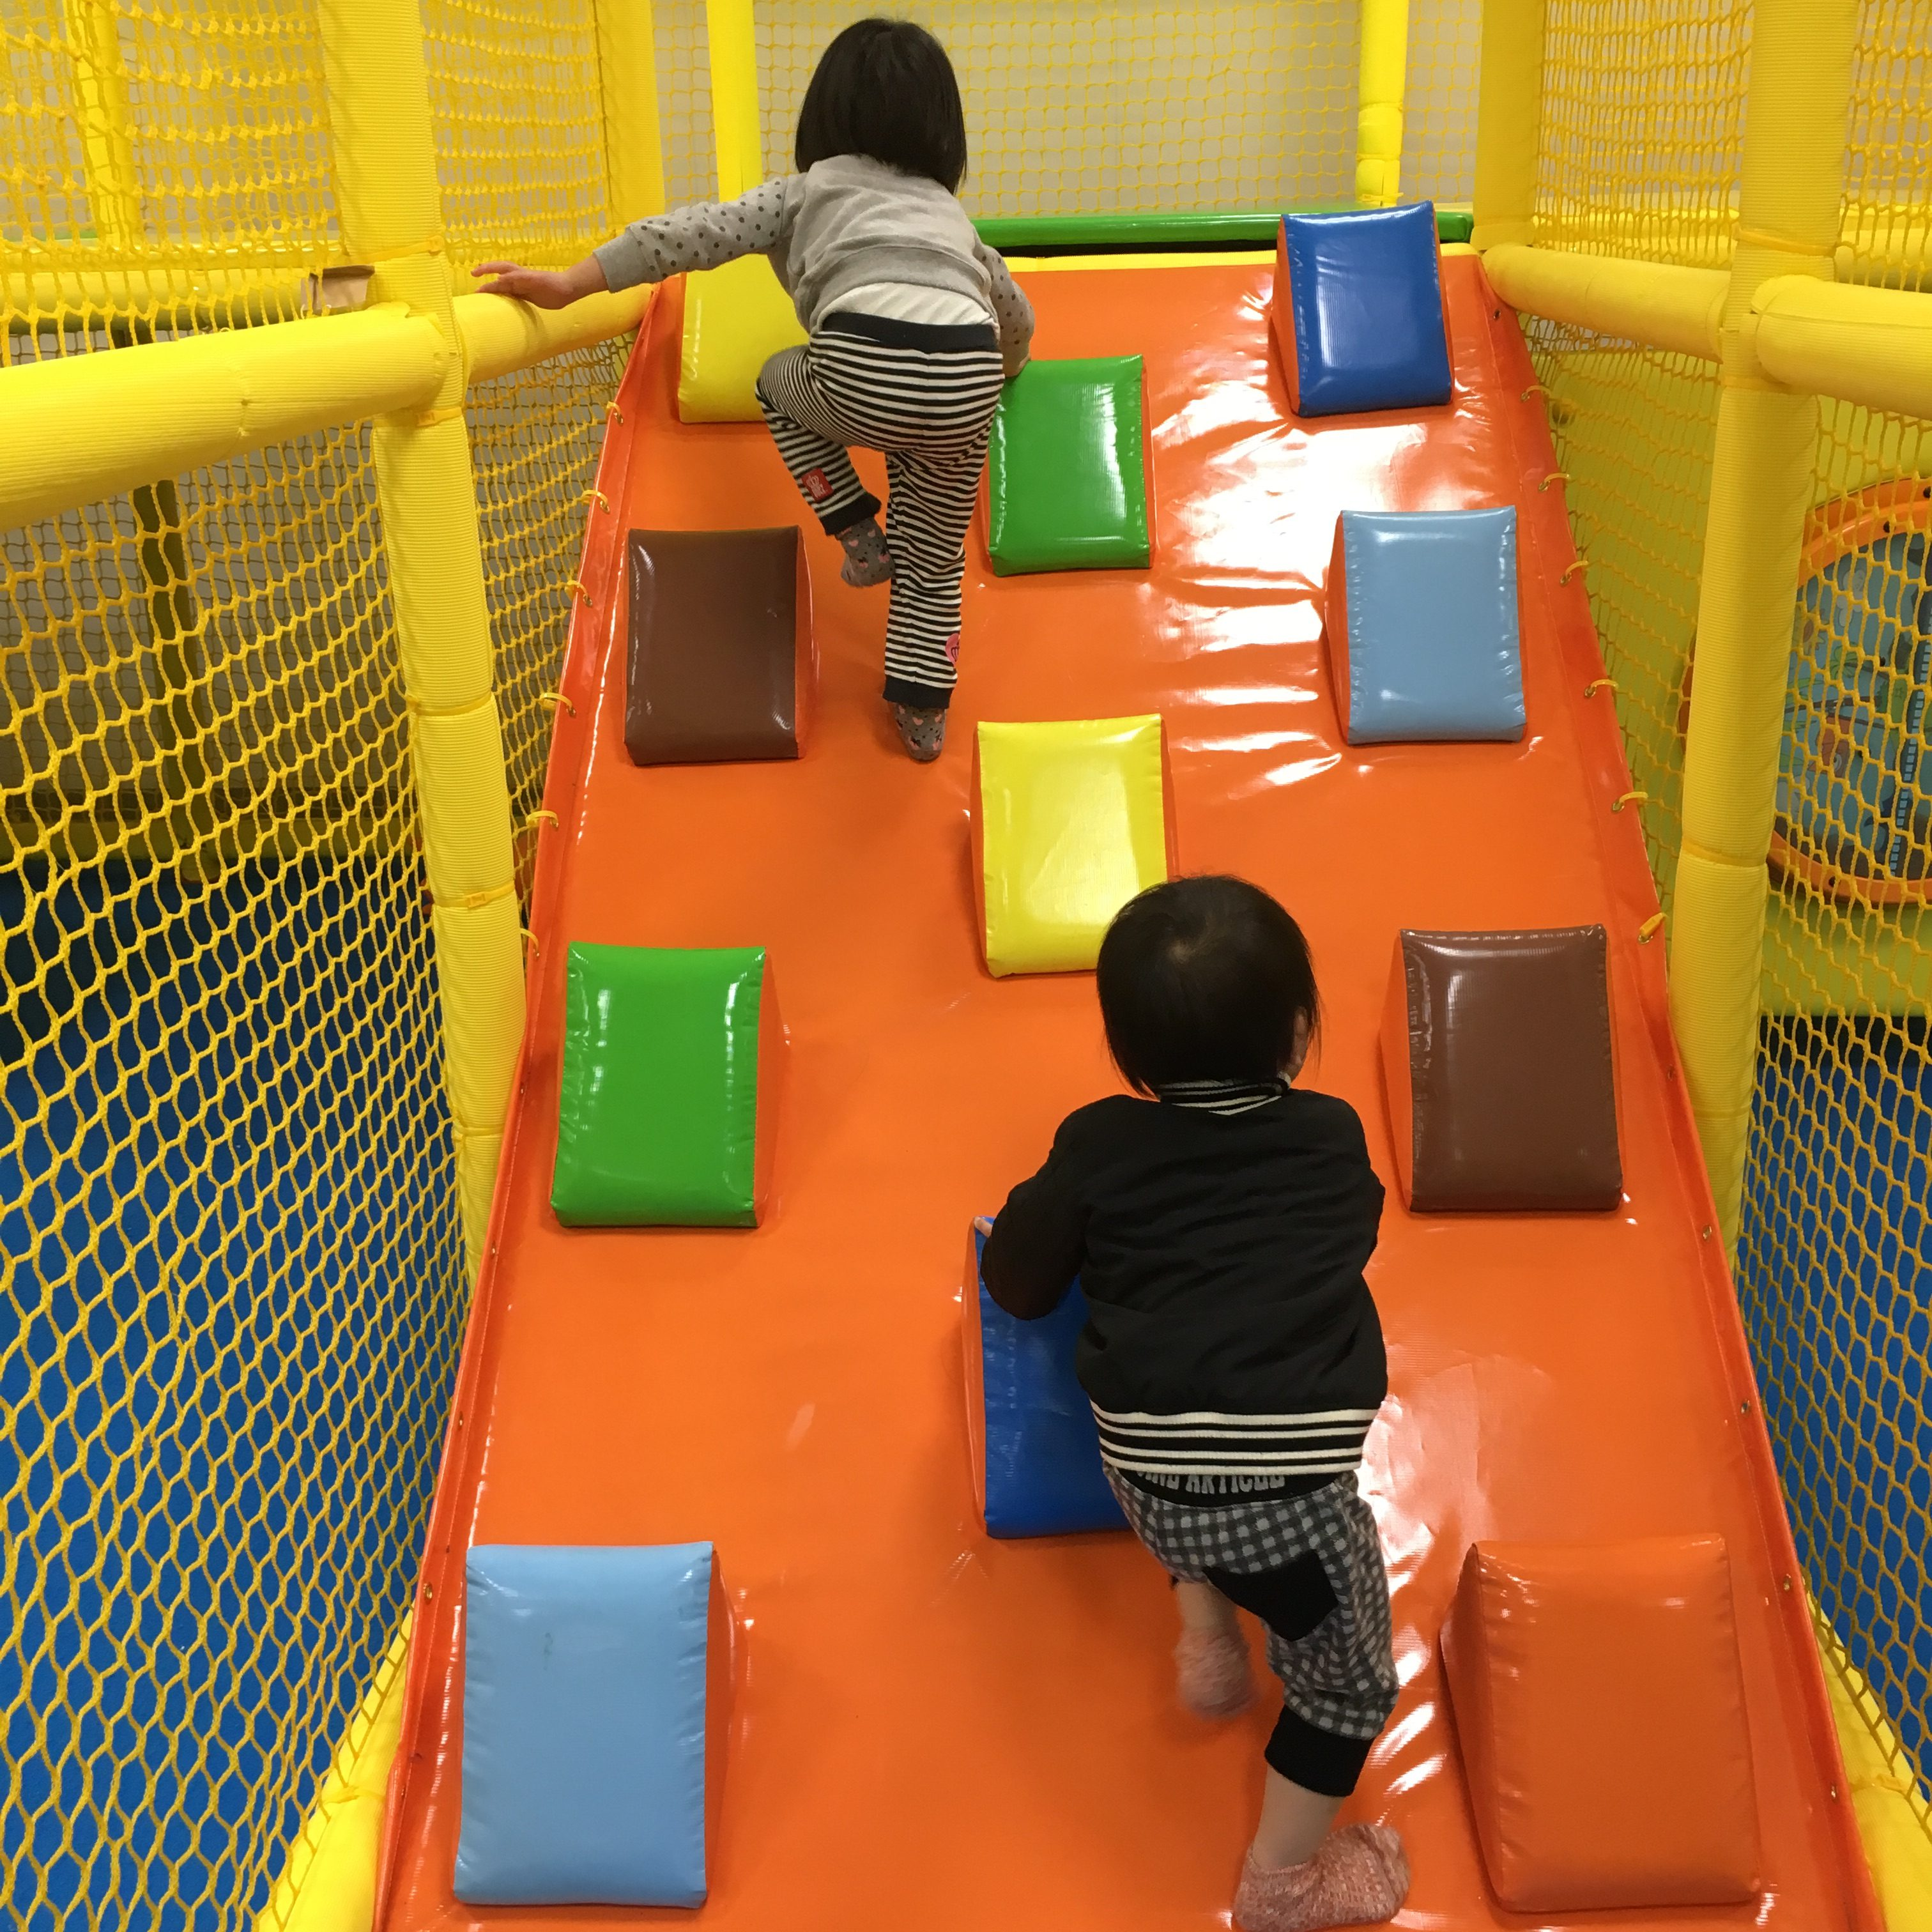 【熊本】雨の日でも子どもが遊べる室内の遊び場所@11選